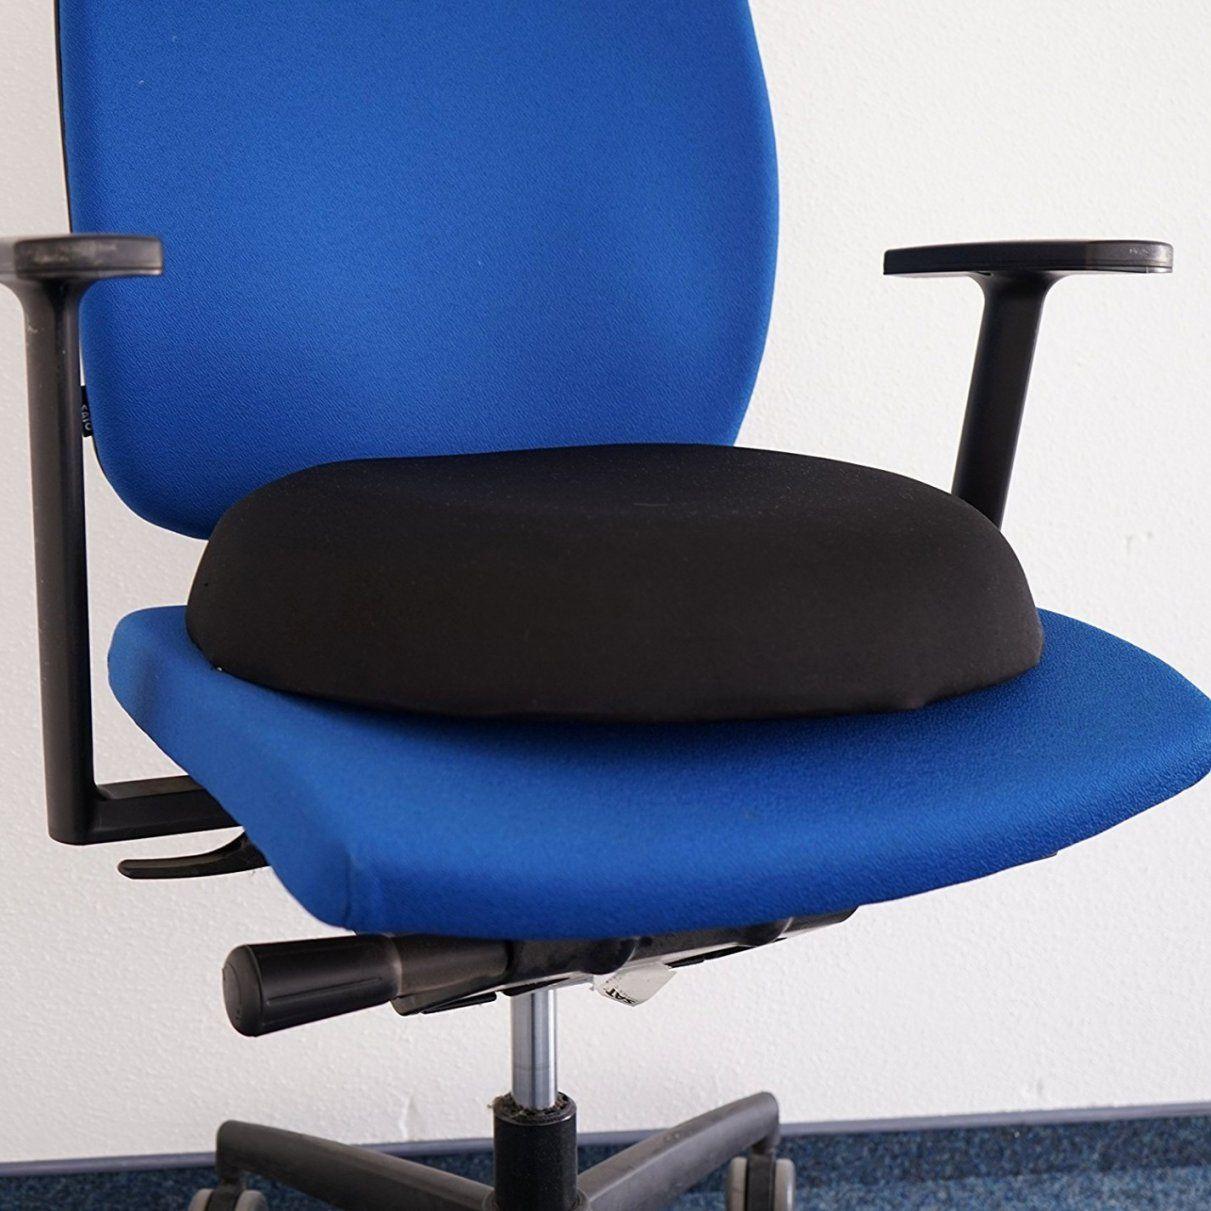 Faszinierend Welcher Topper Bei Rückenschmerzen Perfekt Hausdesign von Welcher Topper Bei Rückenschmerzen Photo